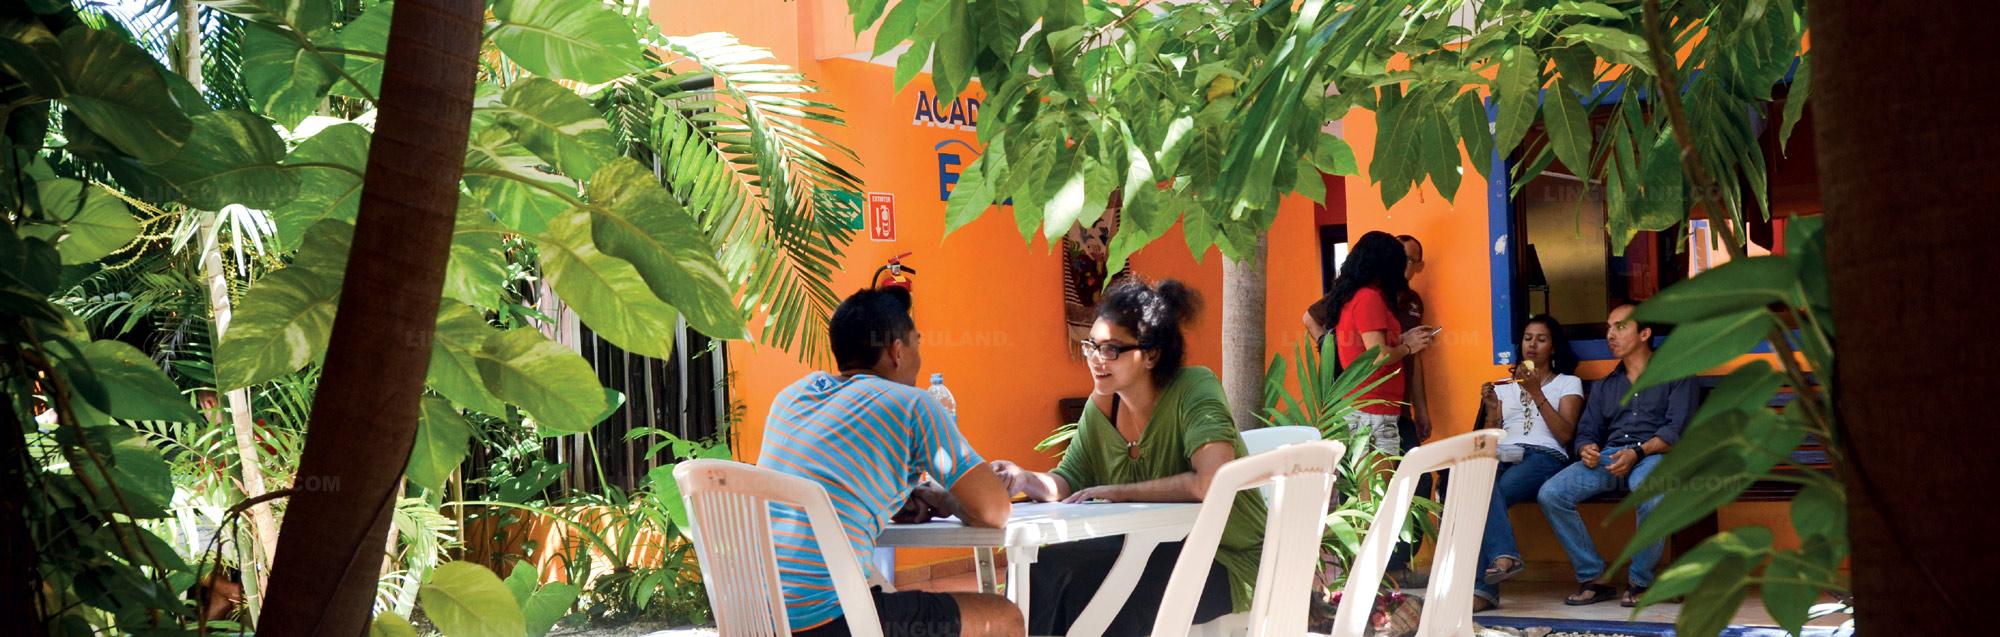 École de langue Don Quijote Playa del Carmen